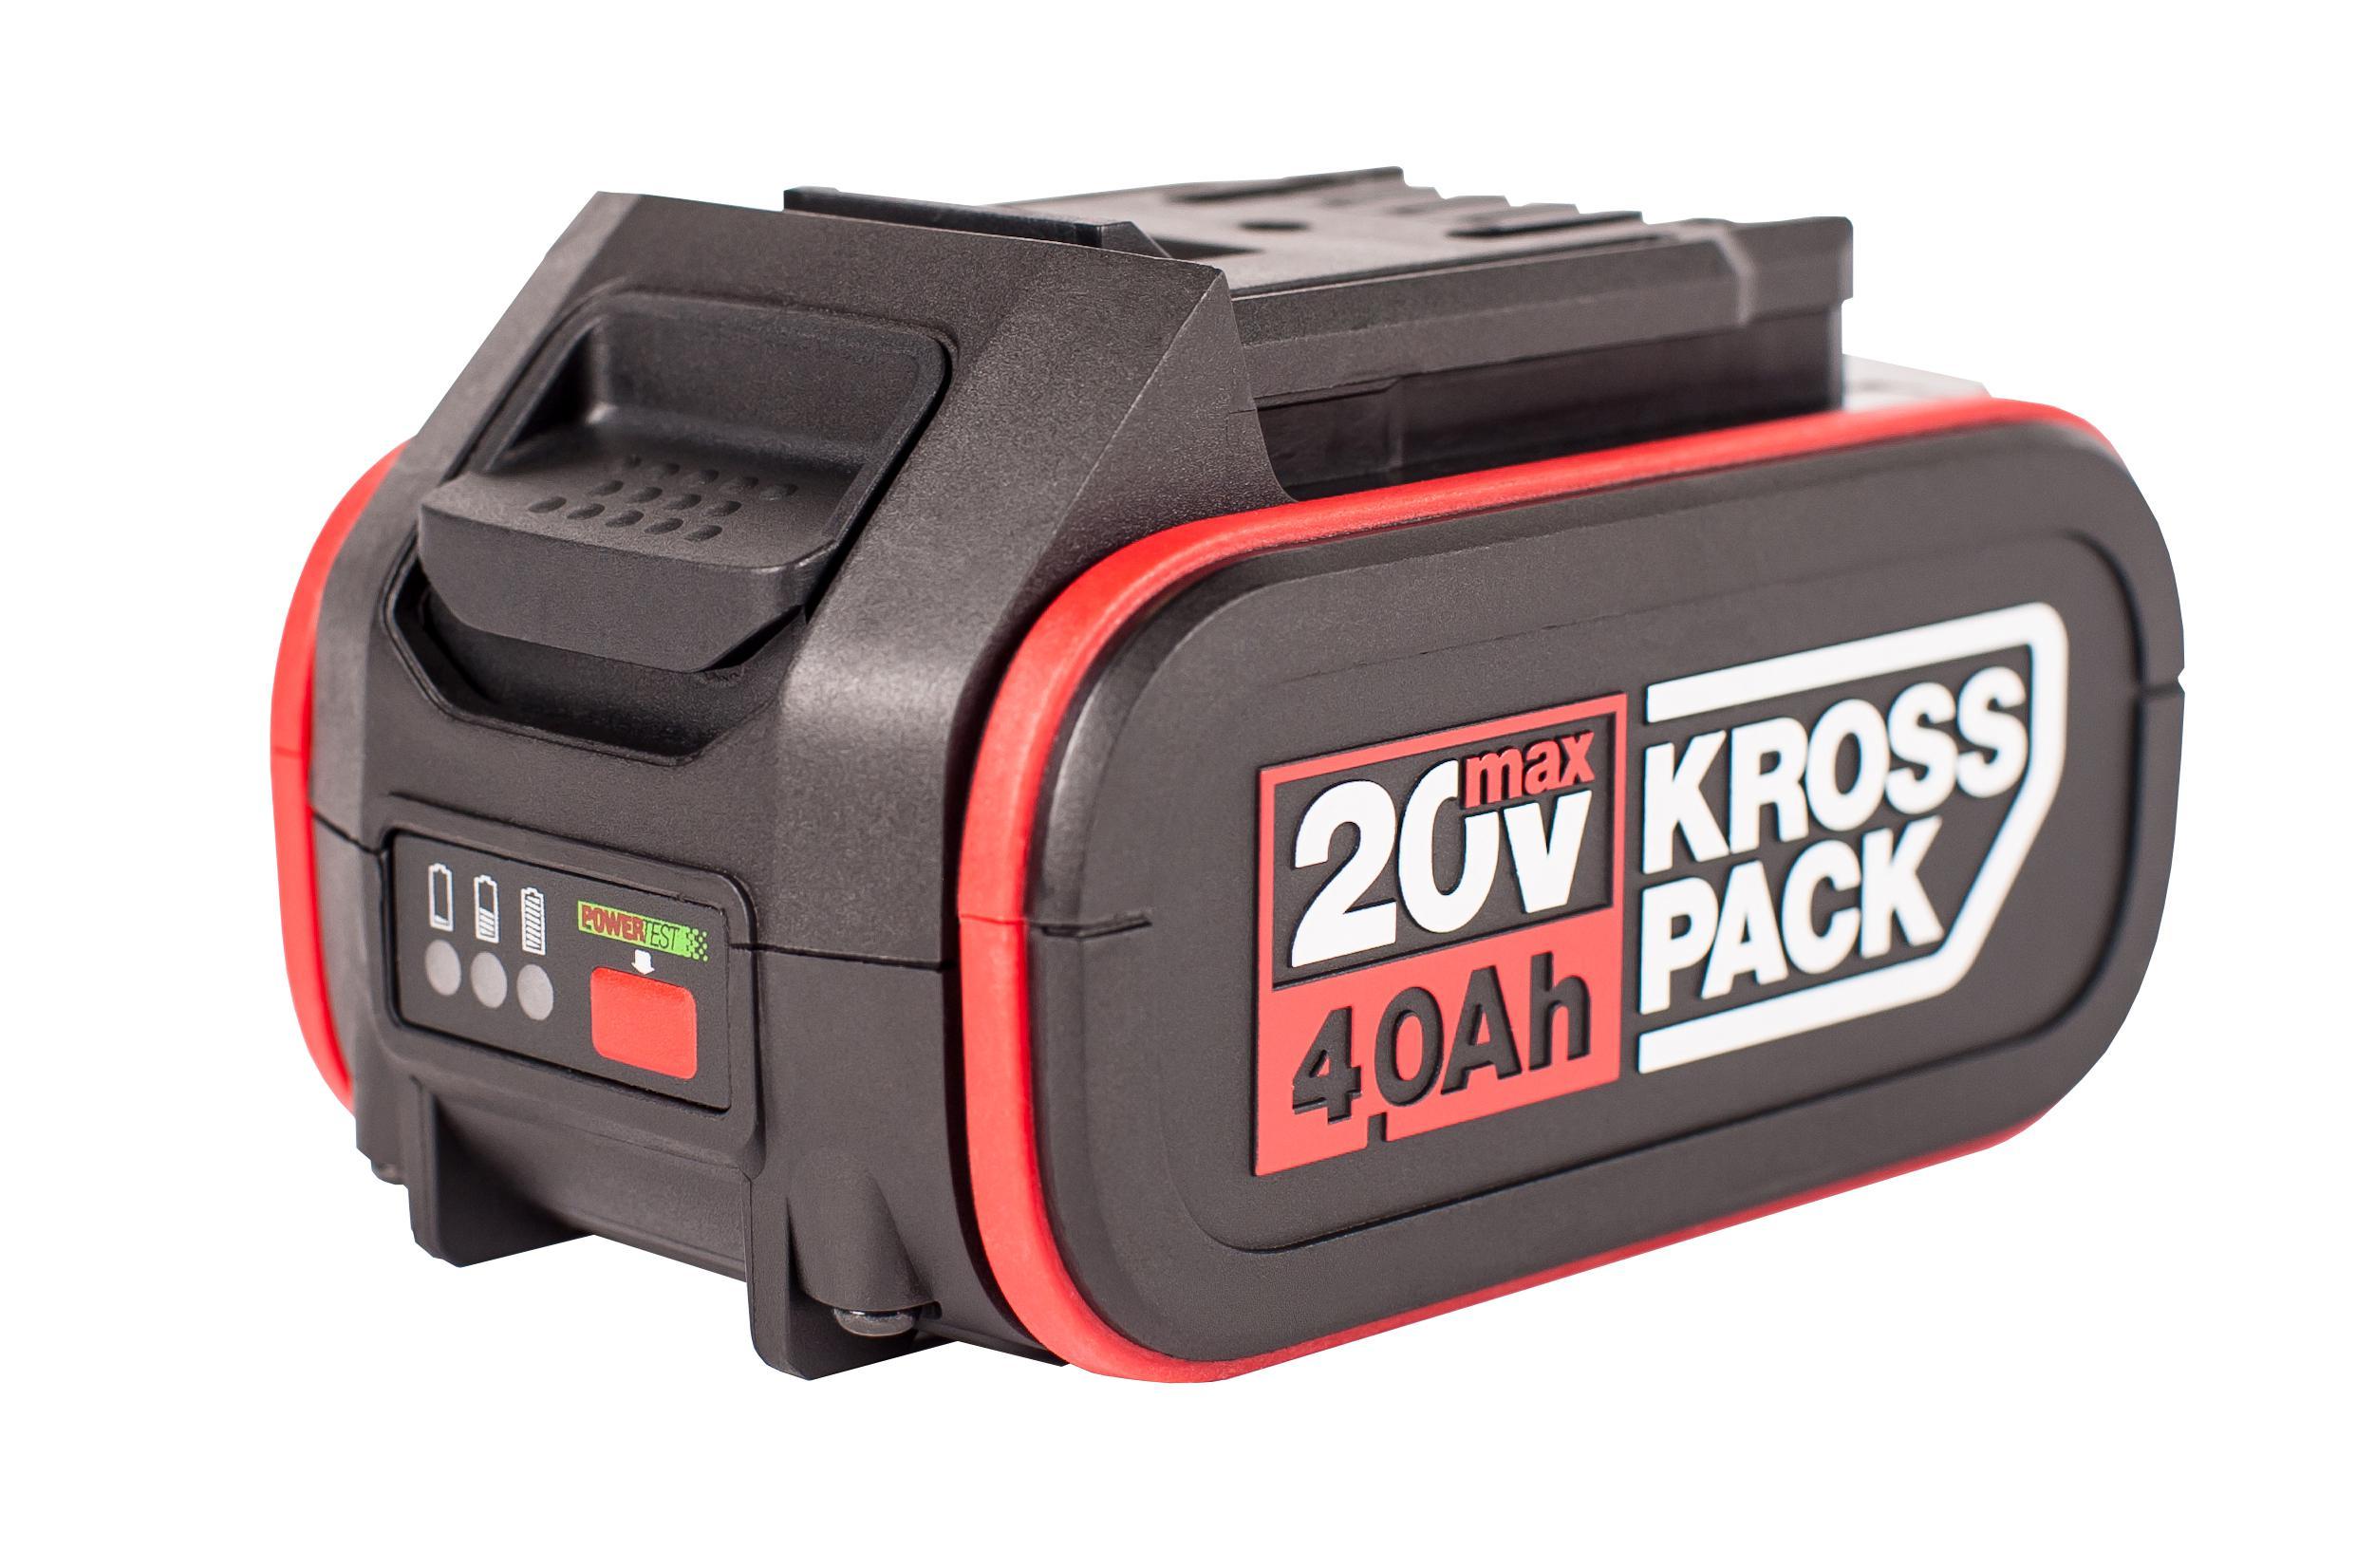 Аккумулятор Kress 20В 4Ач li-ion (ka3498) kross evado 1 0 2013